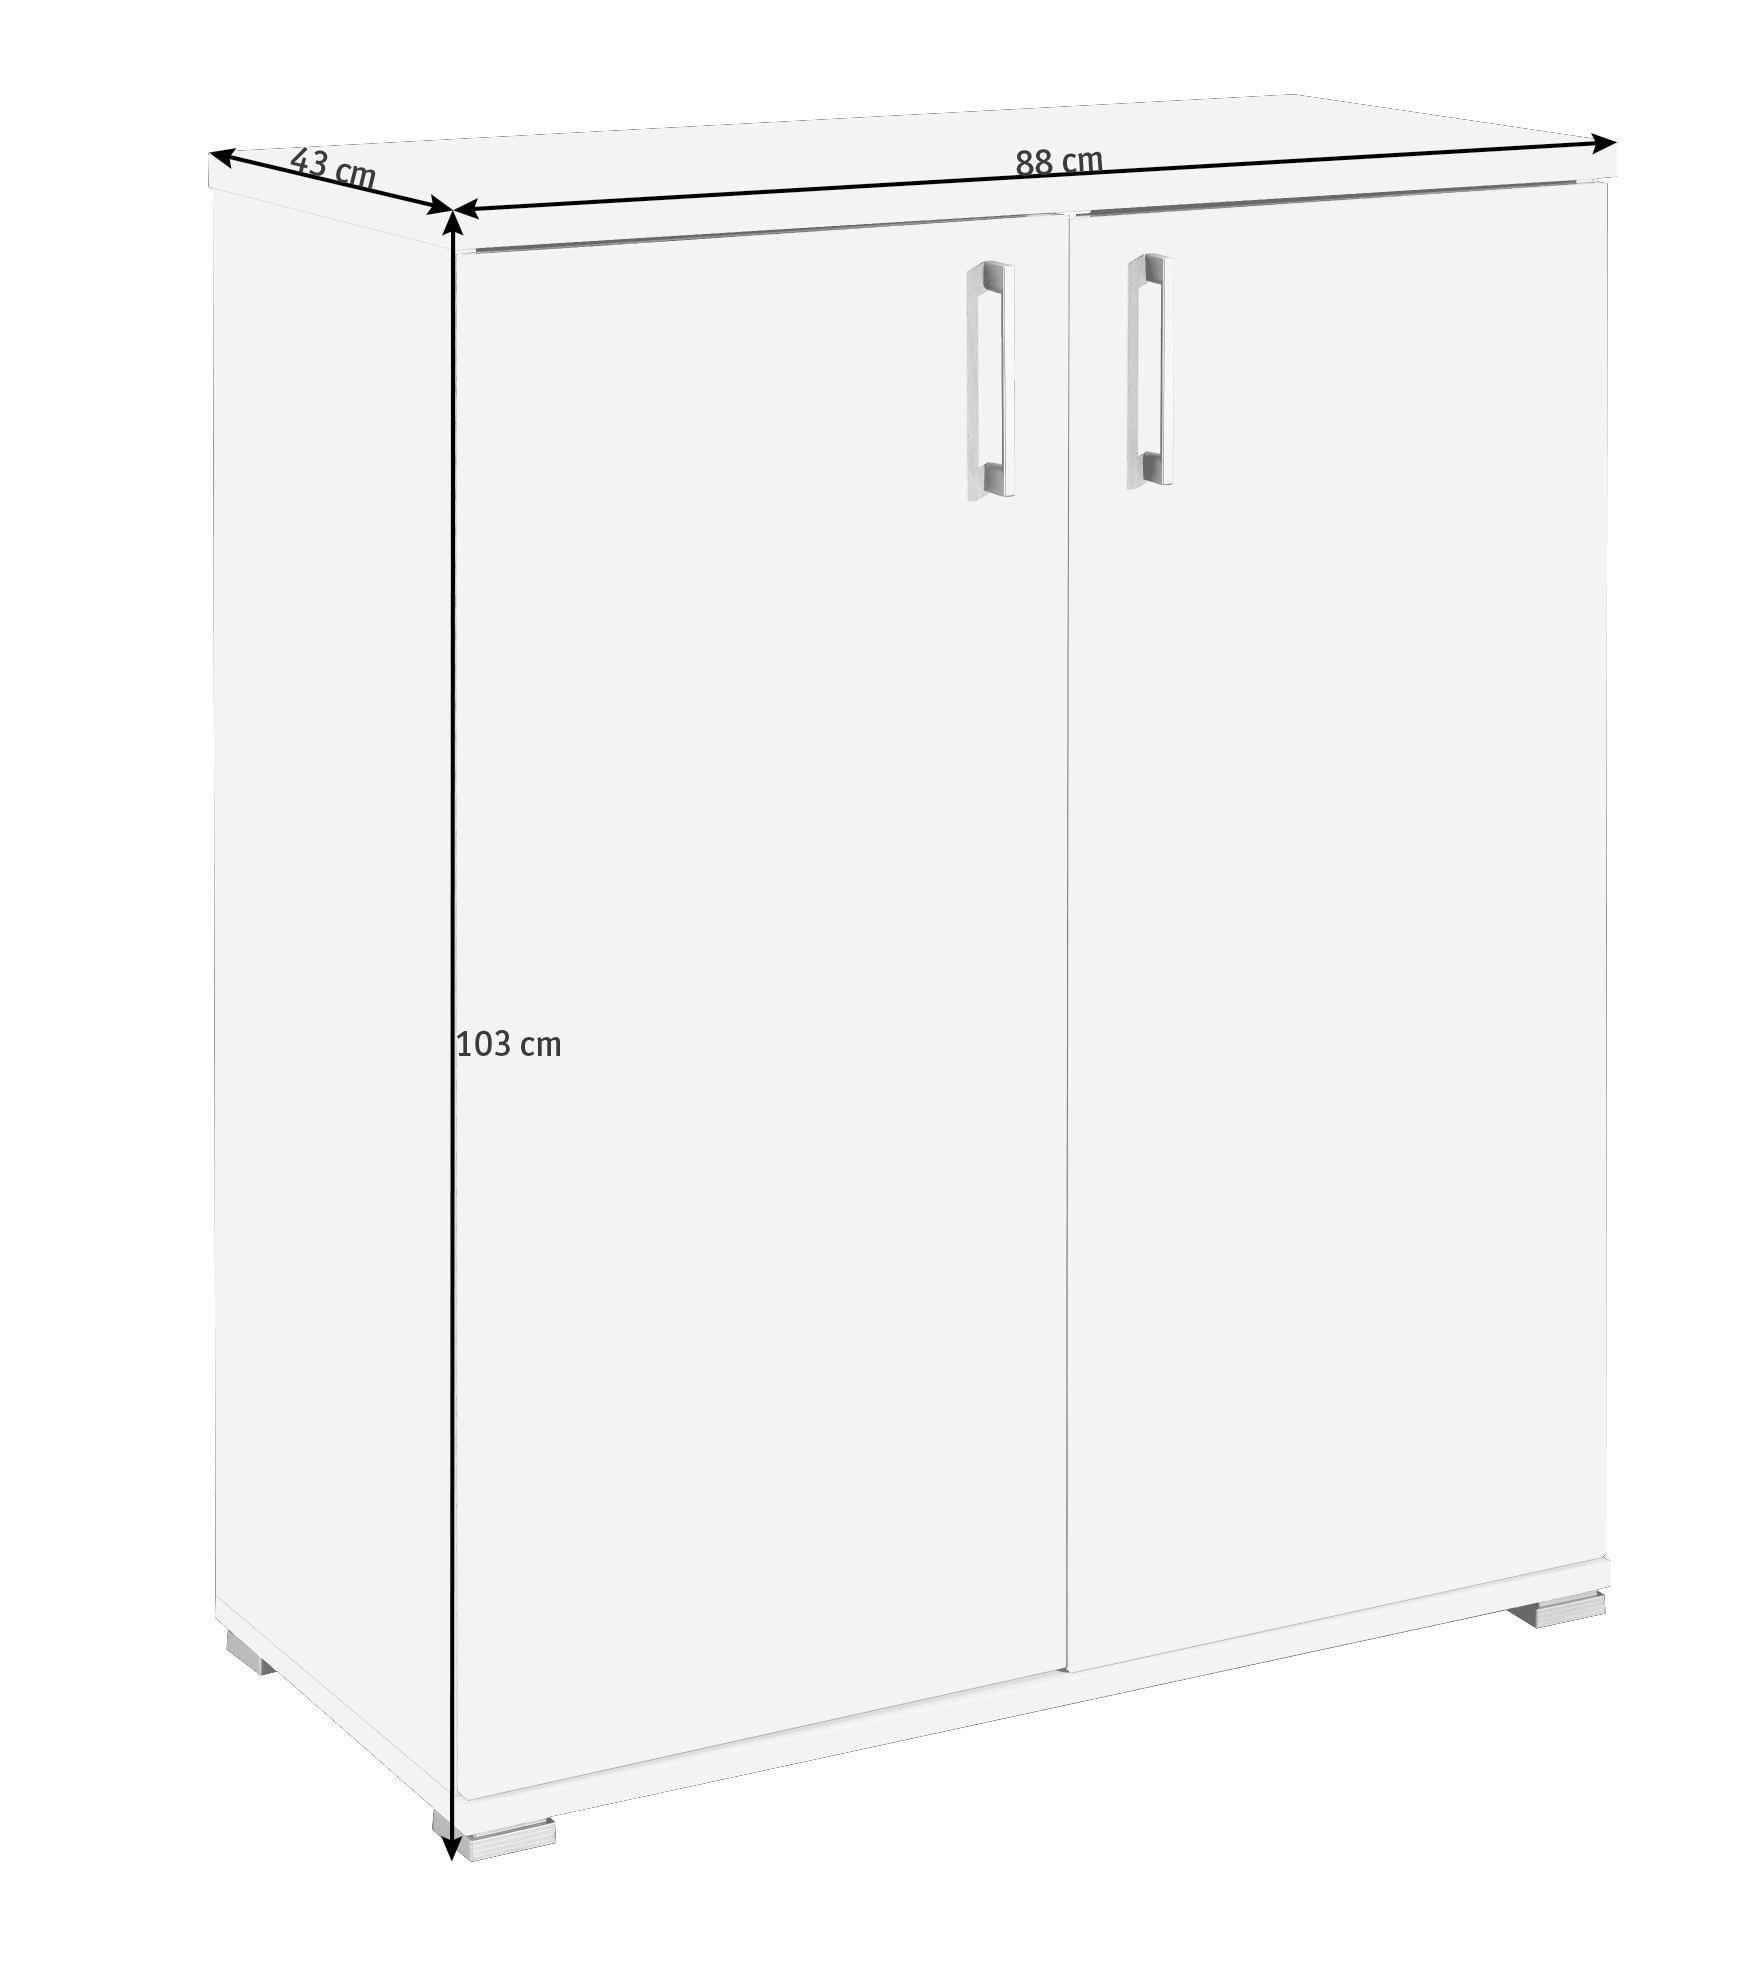 KOMMODE in Eichefarben - Eichefarben/Silberfarben, Design, Holzwerkstoff/Kunststoff (88/103/43cm) - CS SCHMAL